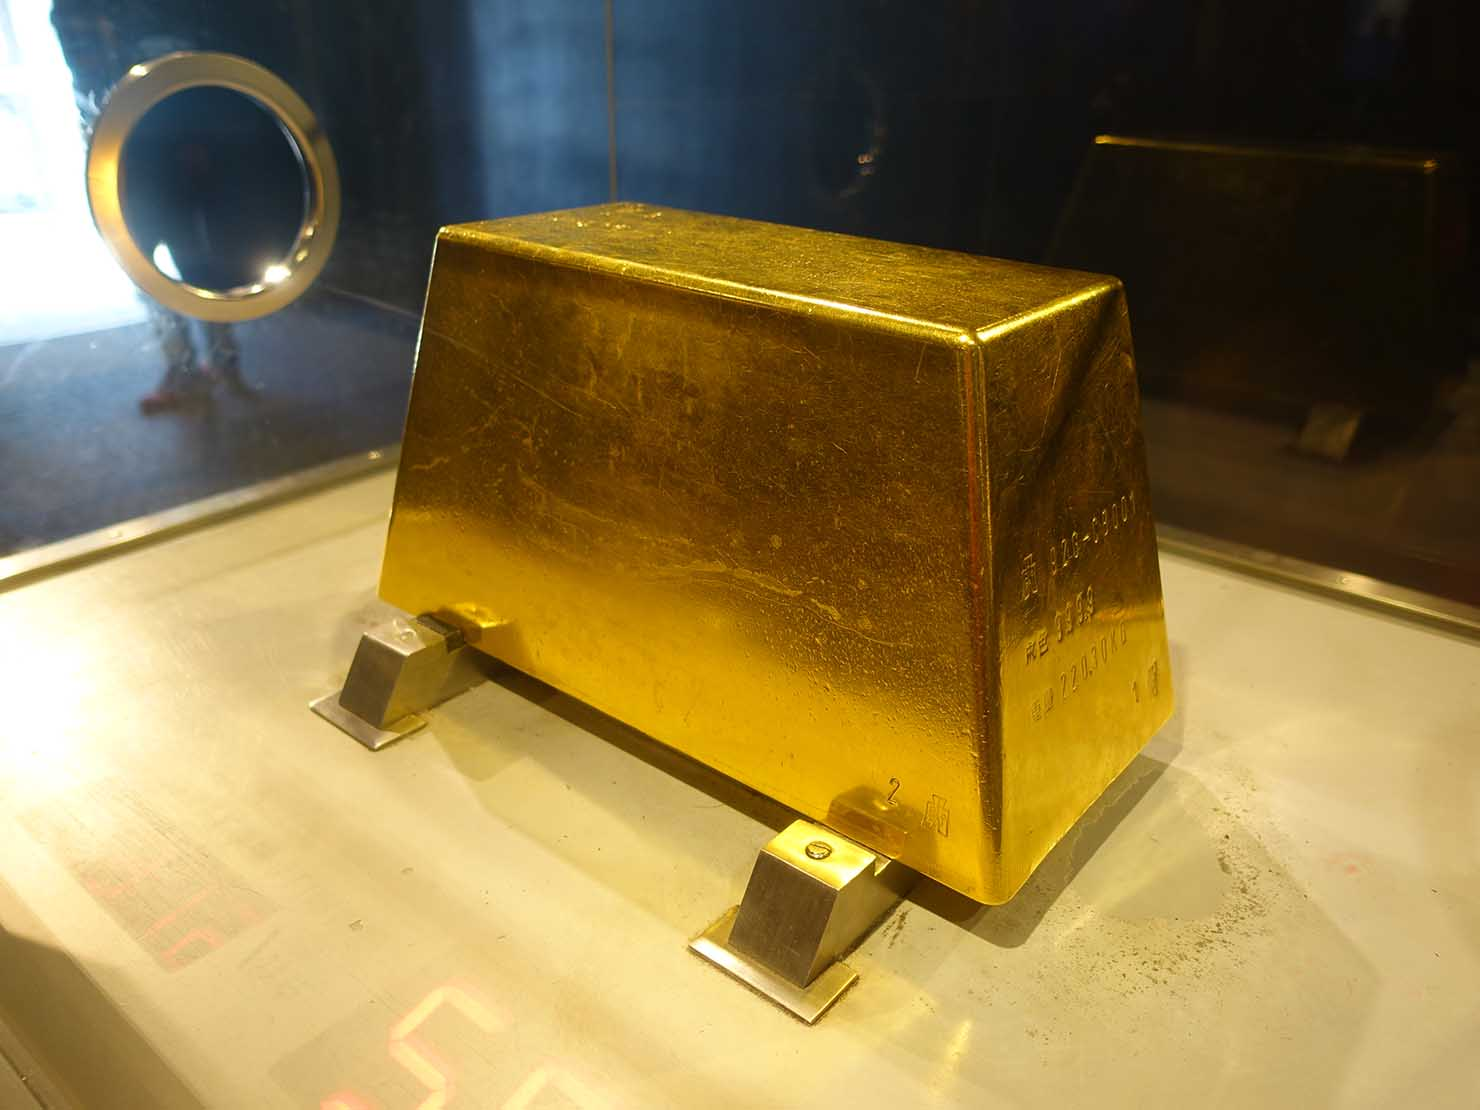 台北・金瓜石黃金博物館の大金塊